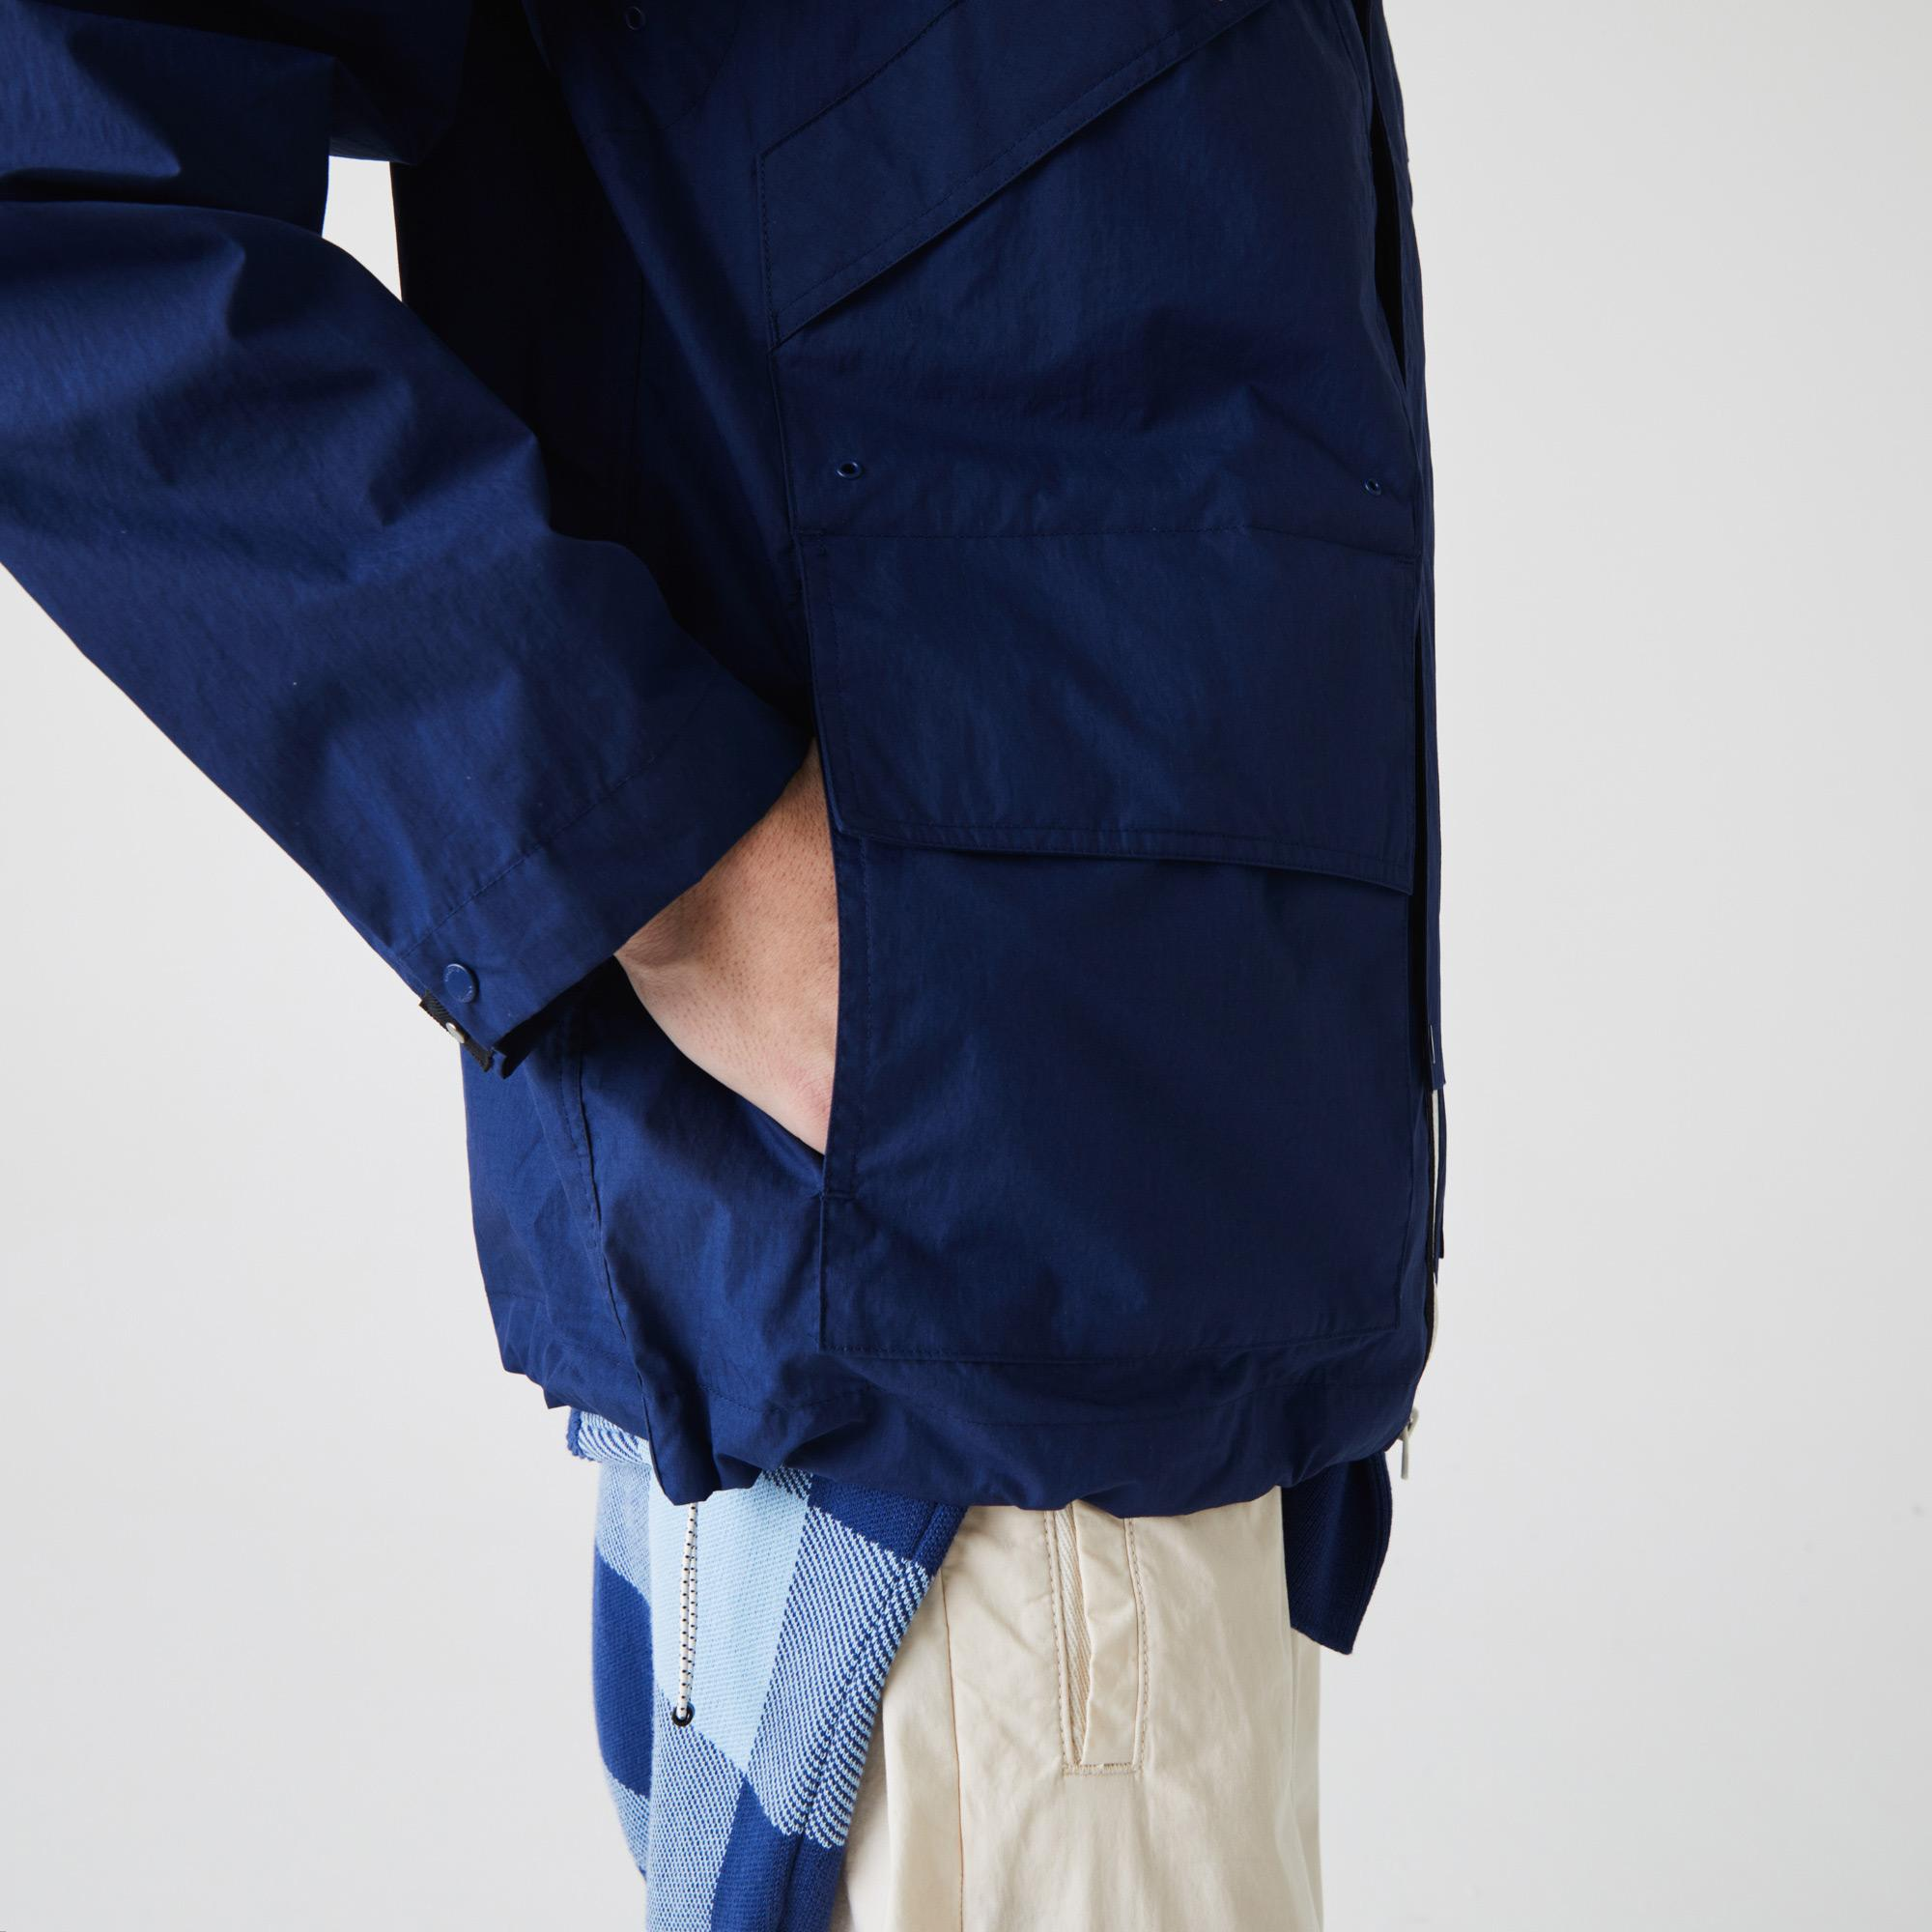 Lacoste Męska ultralekka letnia kurtka na zamek błyskawiczny z kieszeniami